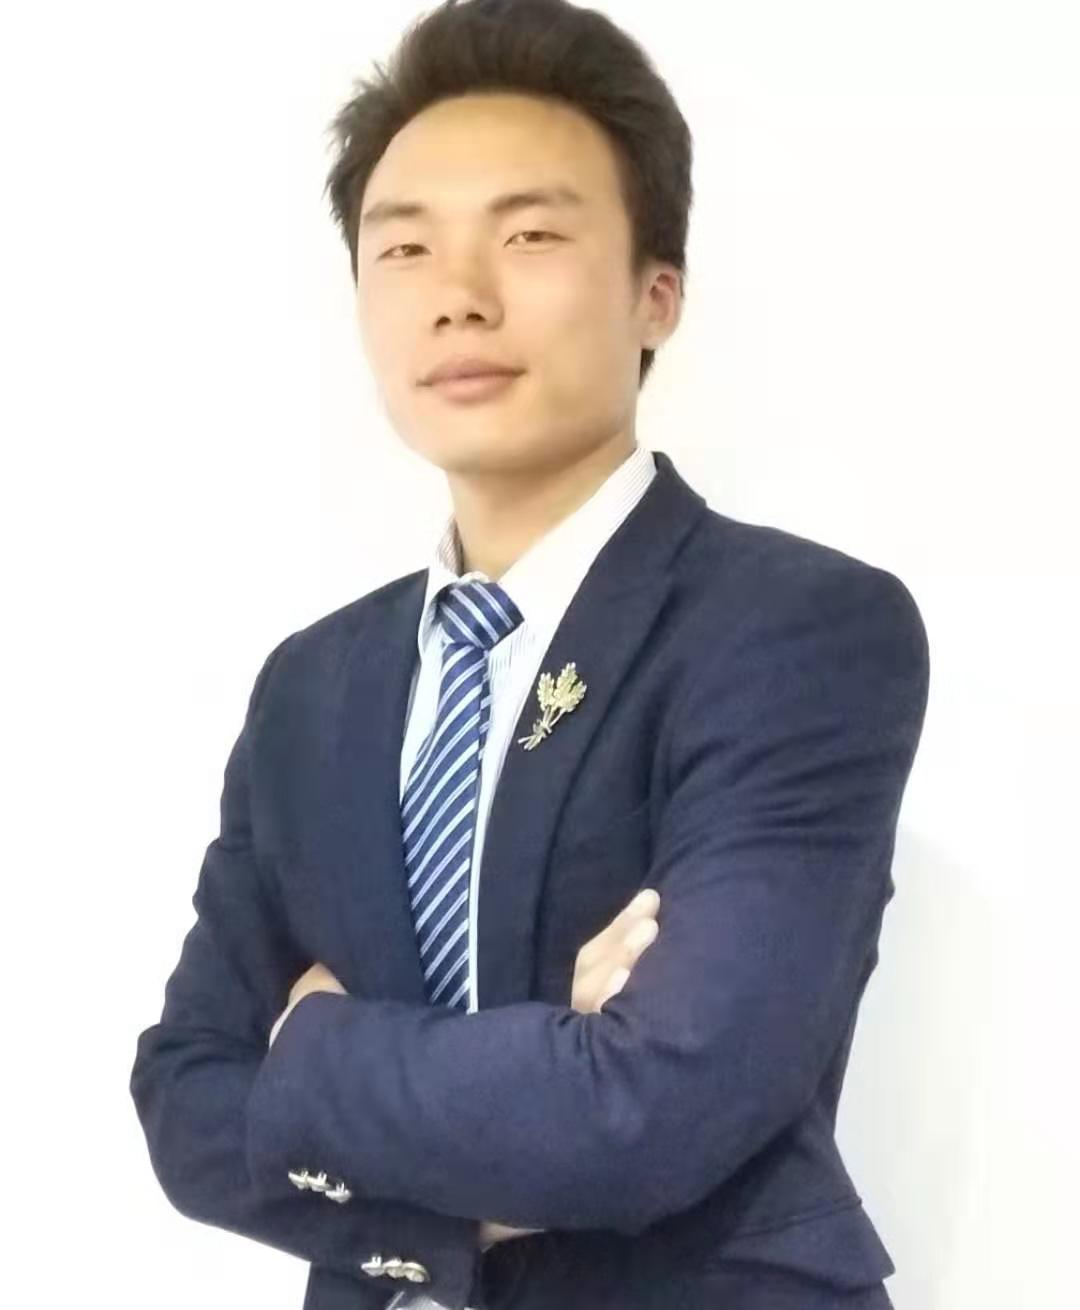 万博app官方下载经纪人万禄禄